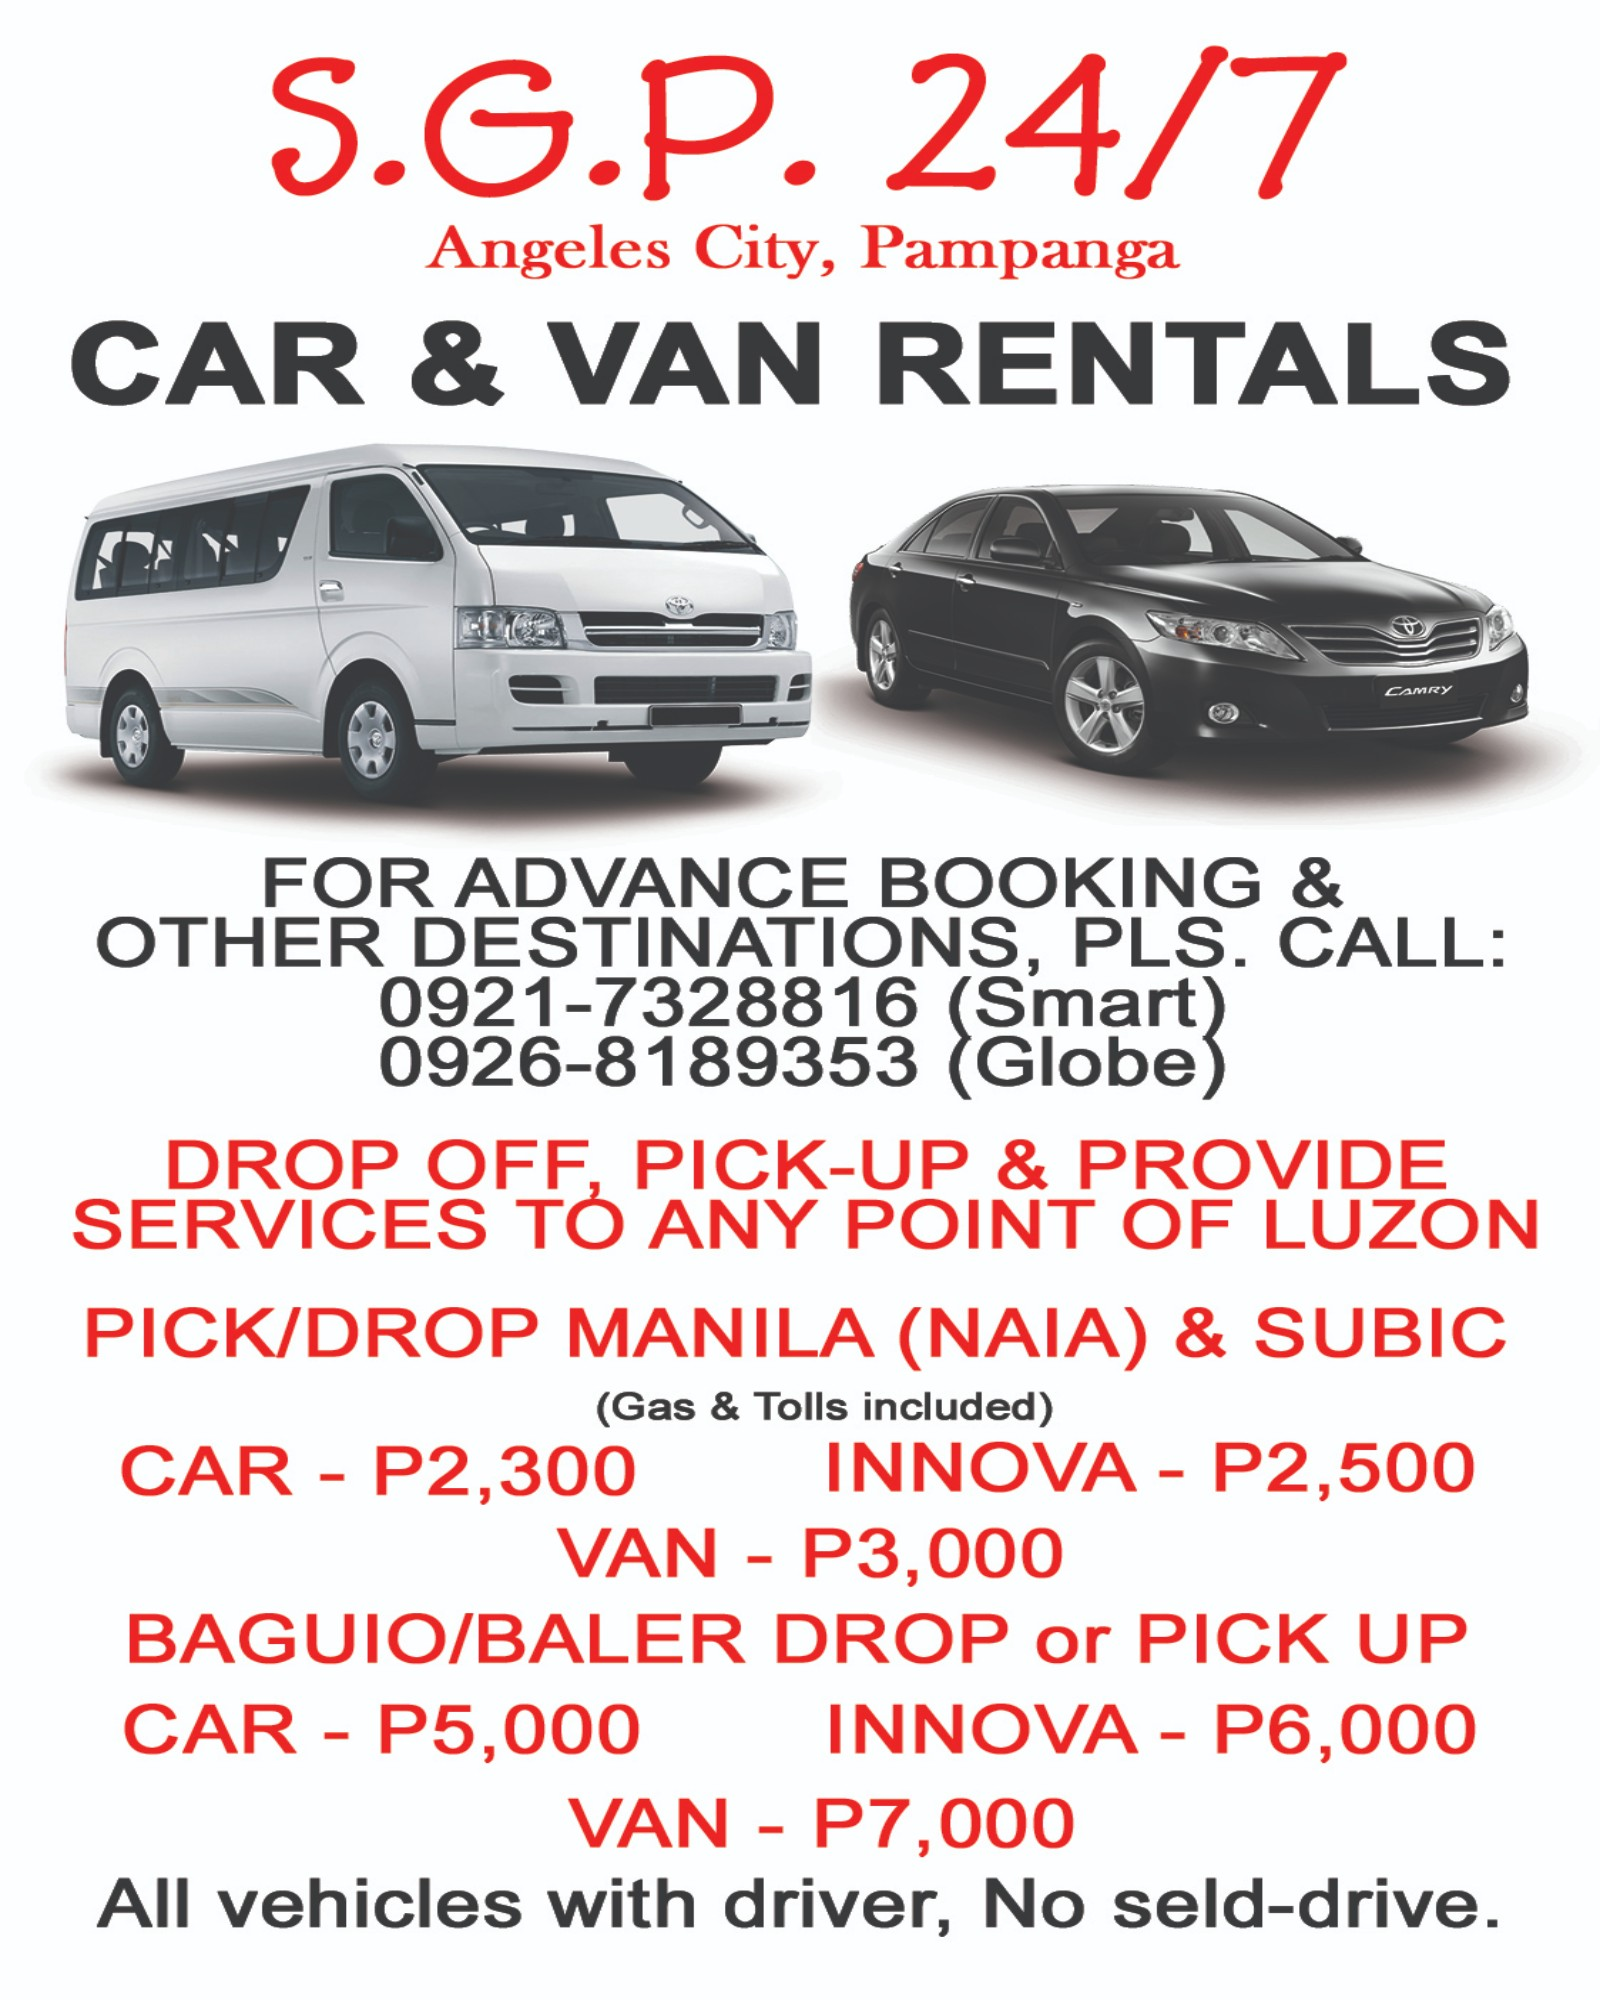 SGP Car & Van Rentals